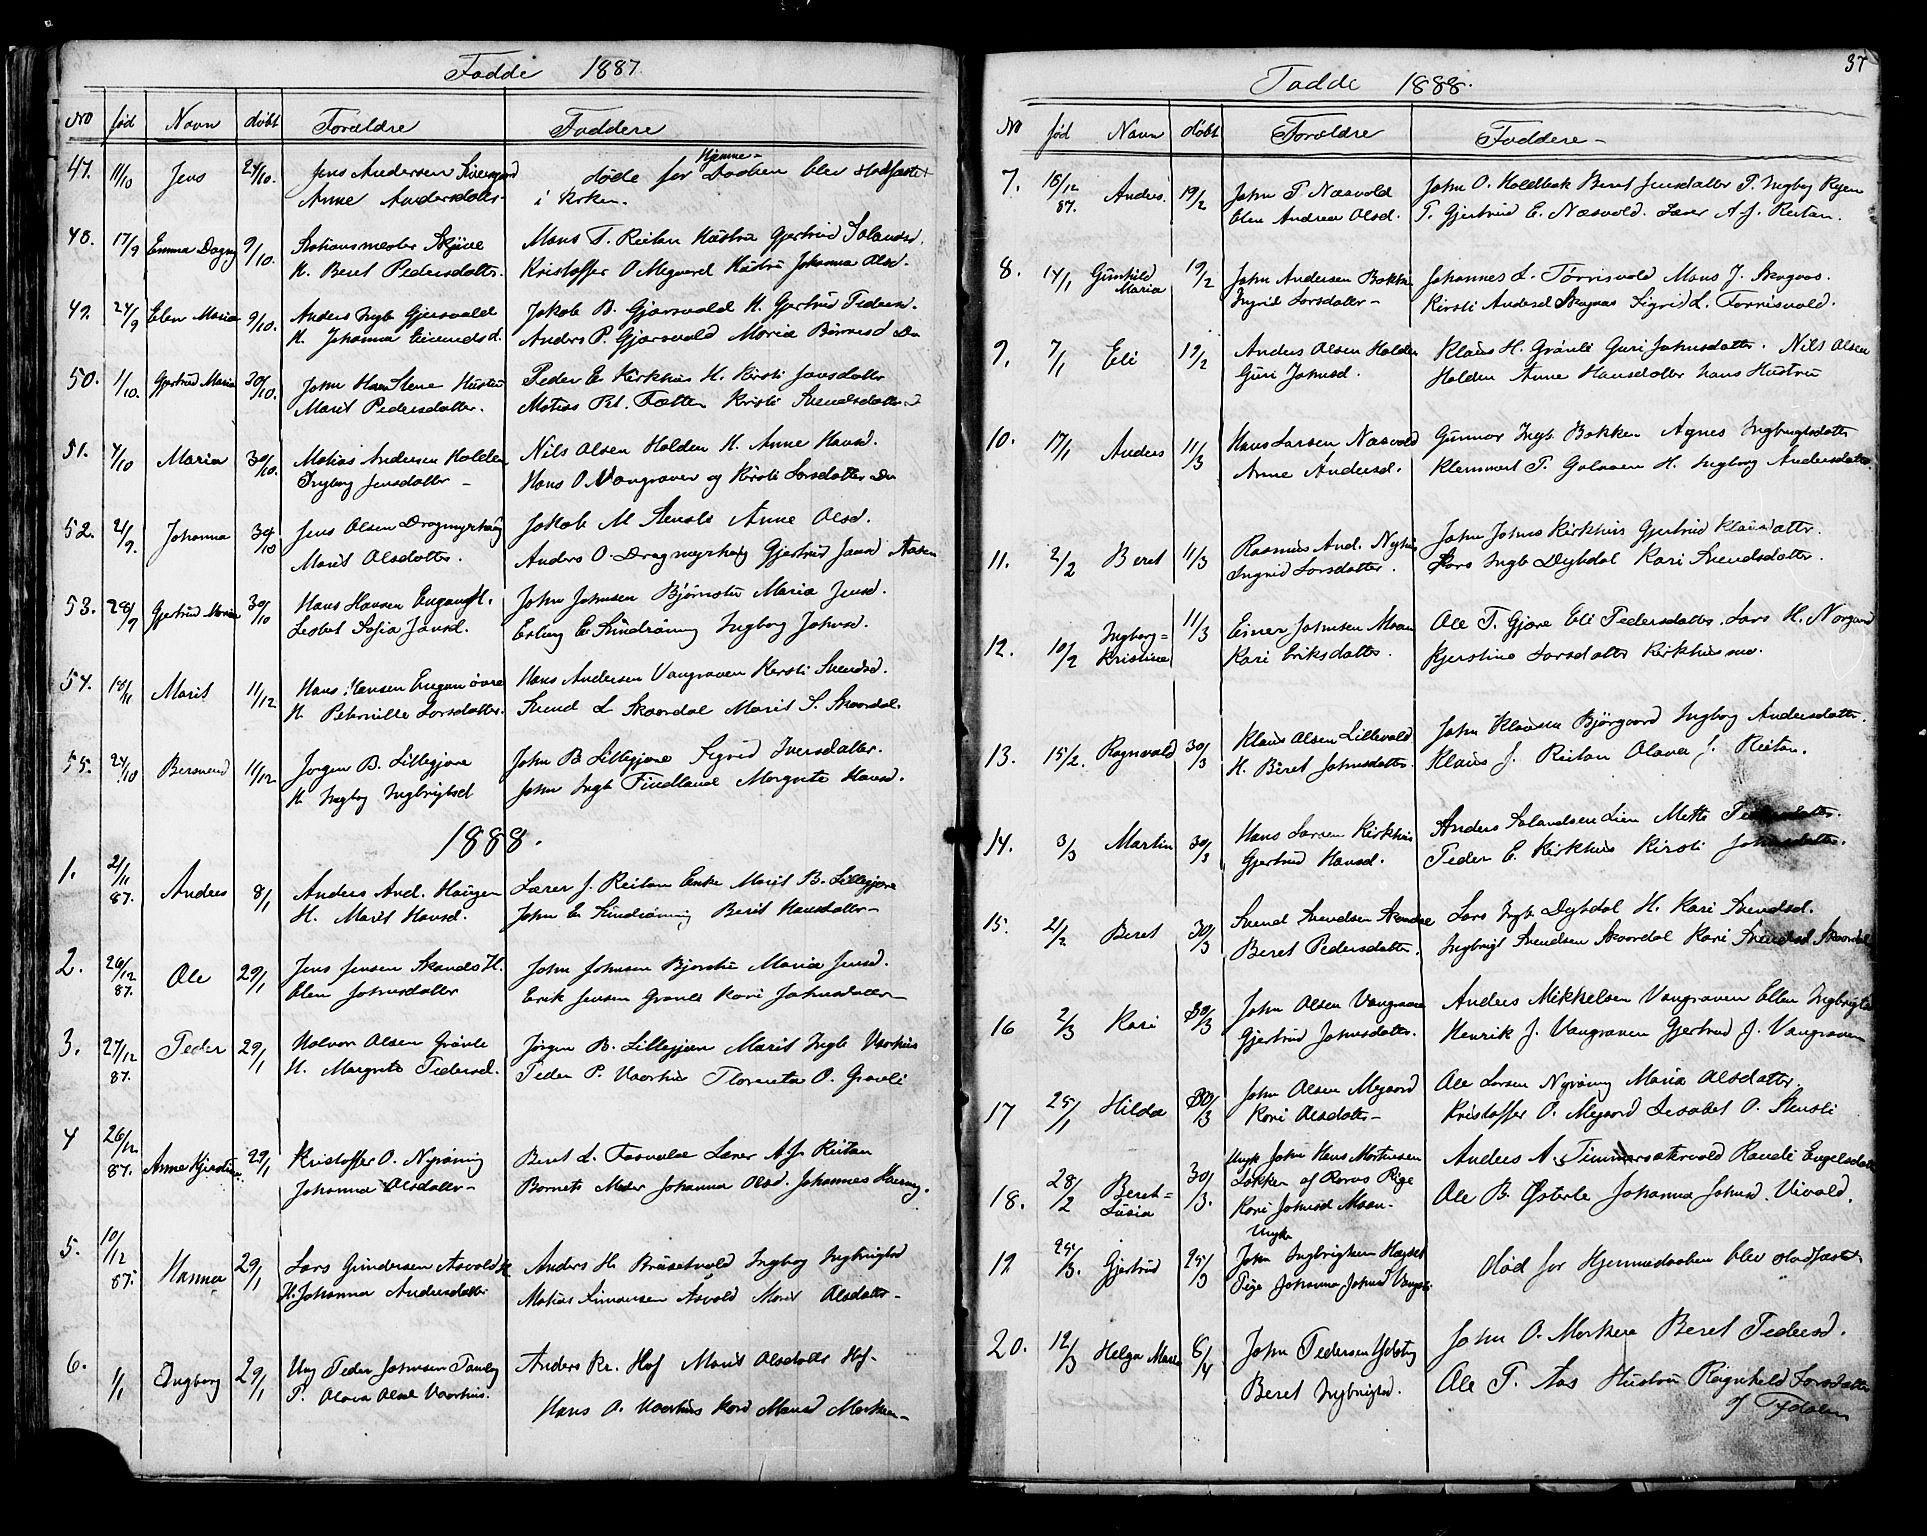 SAT, Ministerialprotokoller, klokkerbøker og fødselsregistre - Sør-Trøndelag, 686/L0985: Klokkerbok nr. 686C01, 1871-1933, s. 37